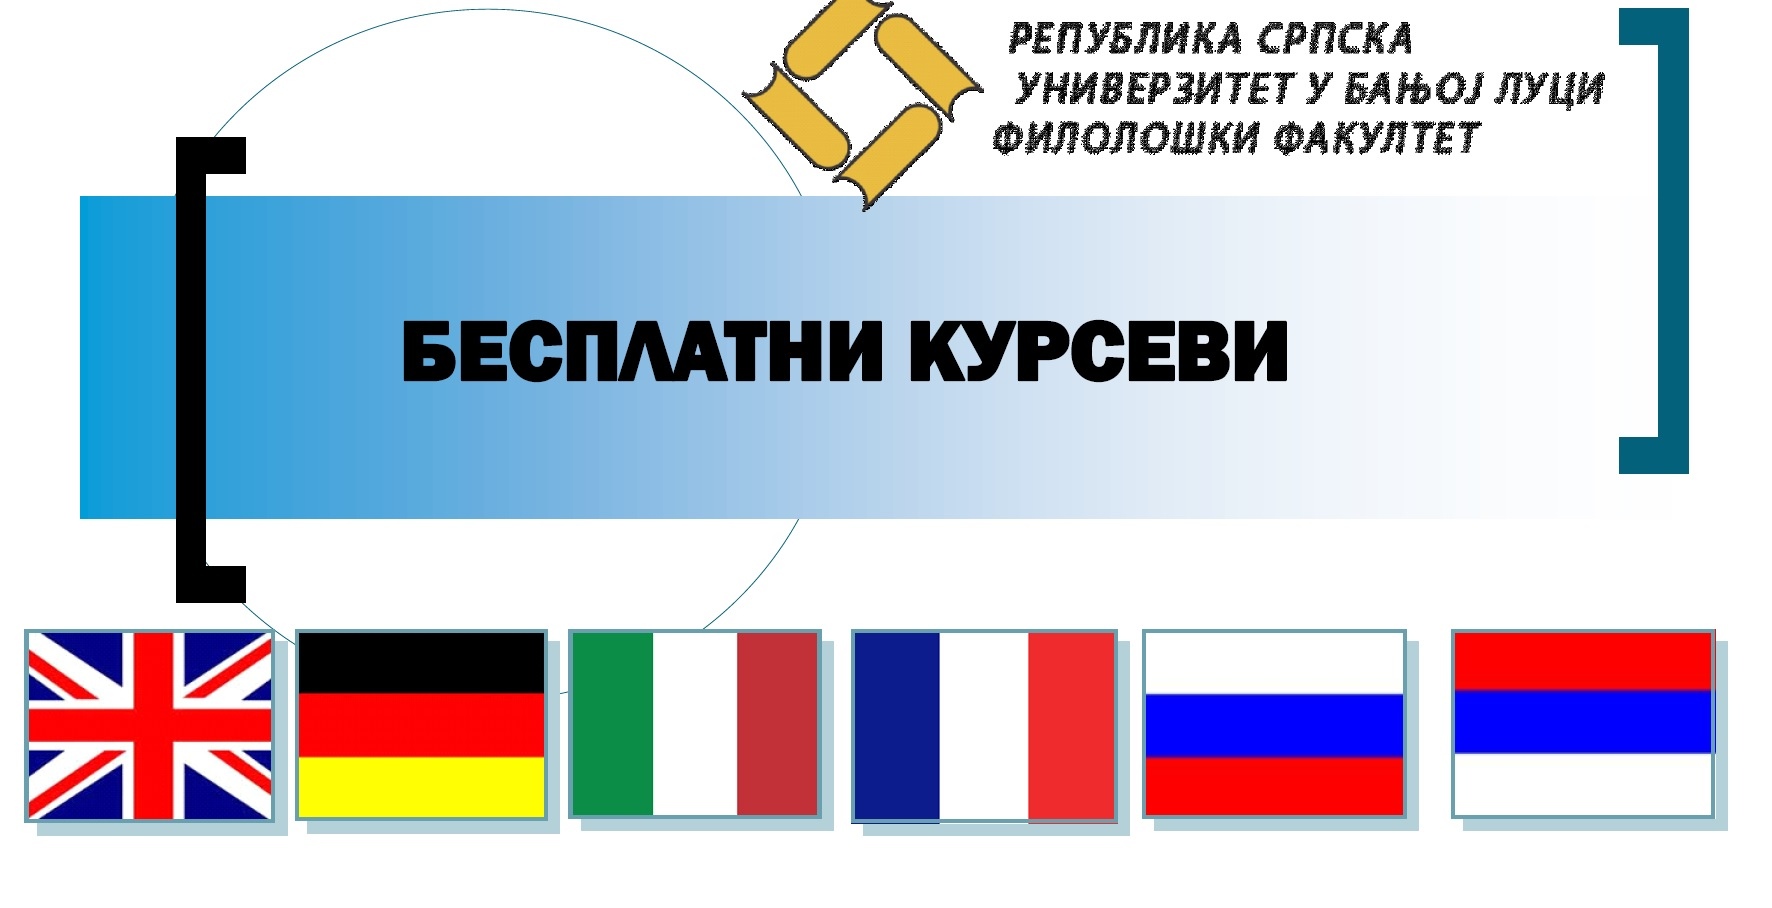 Бесплатни курсеви страних језика